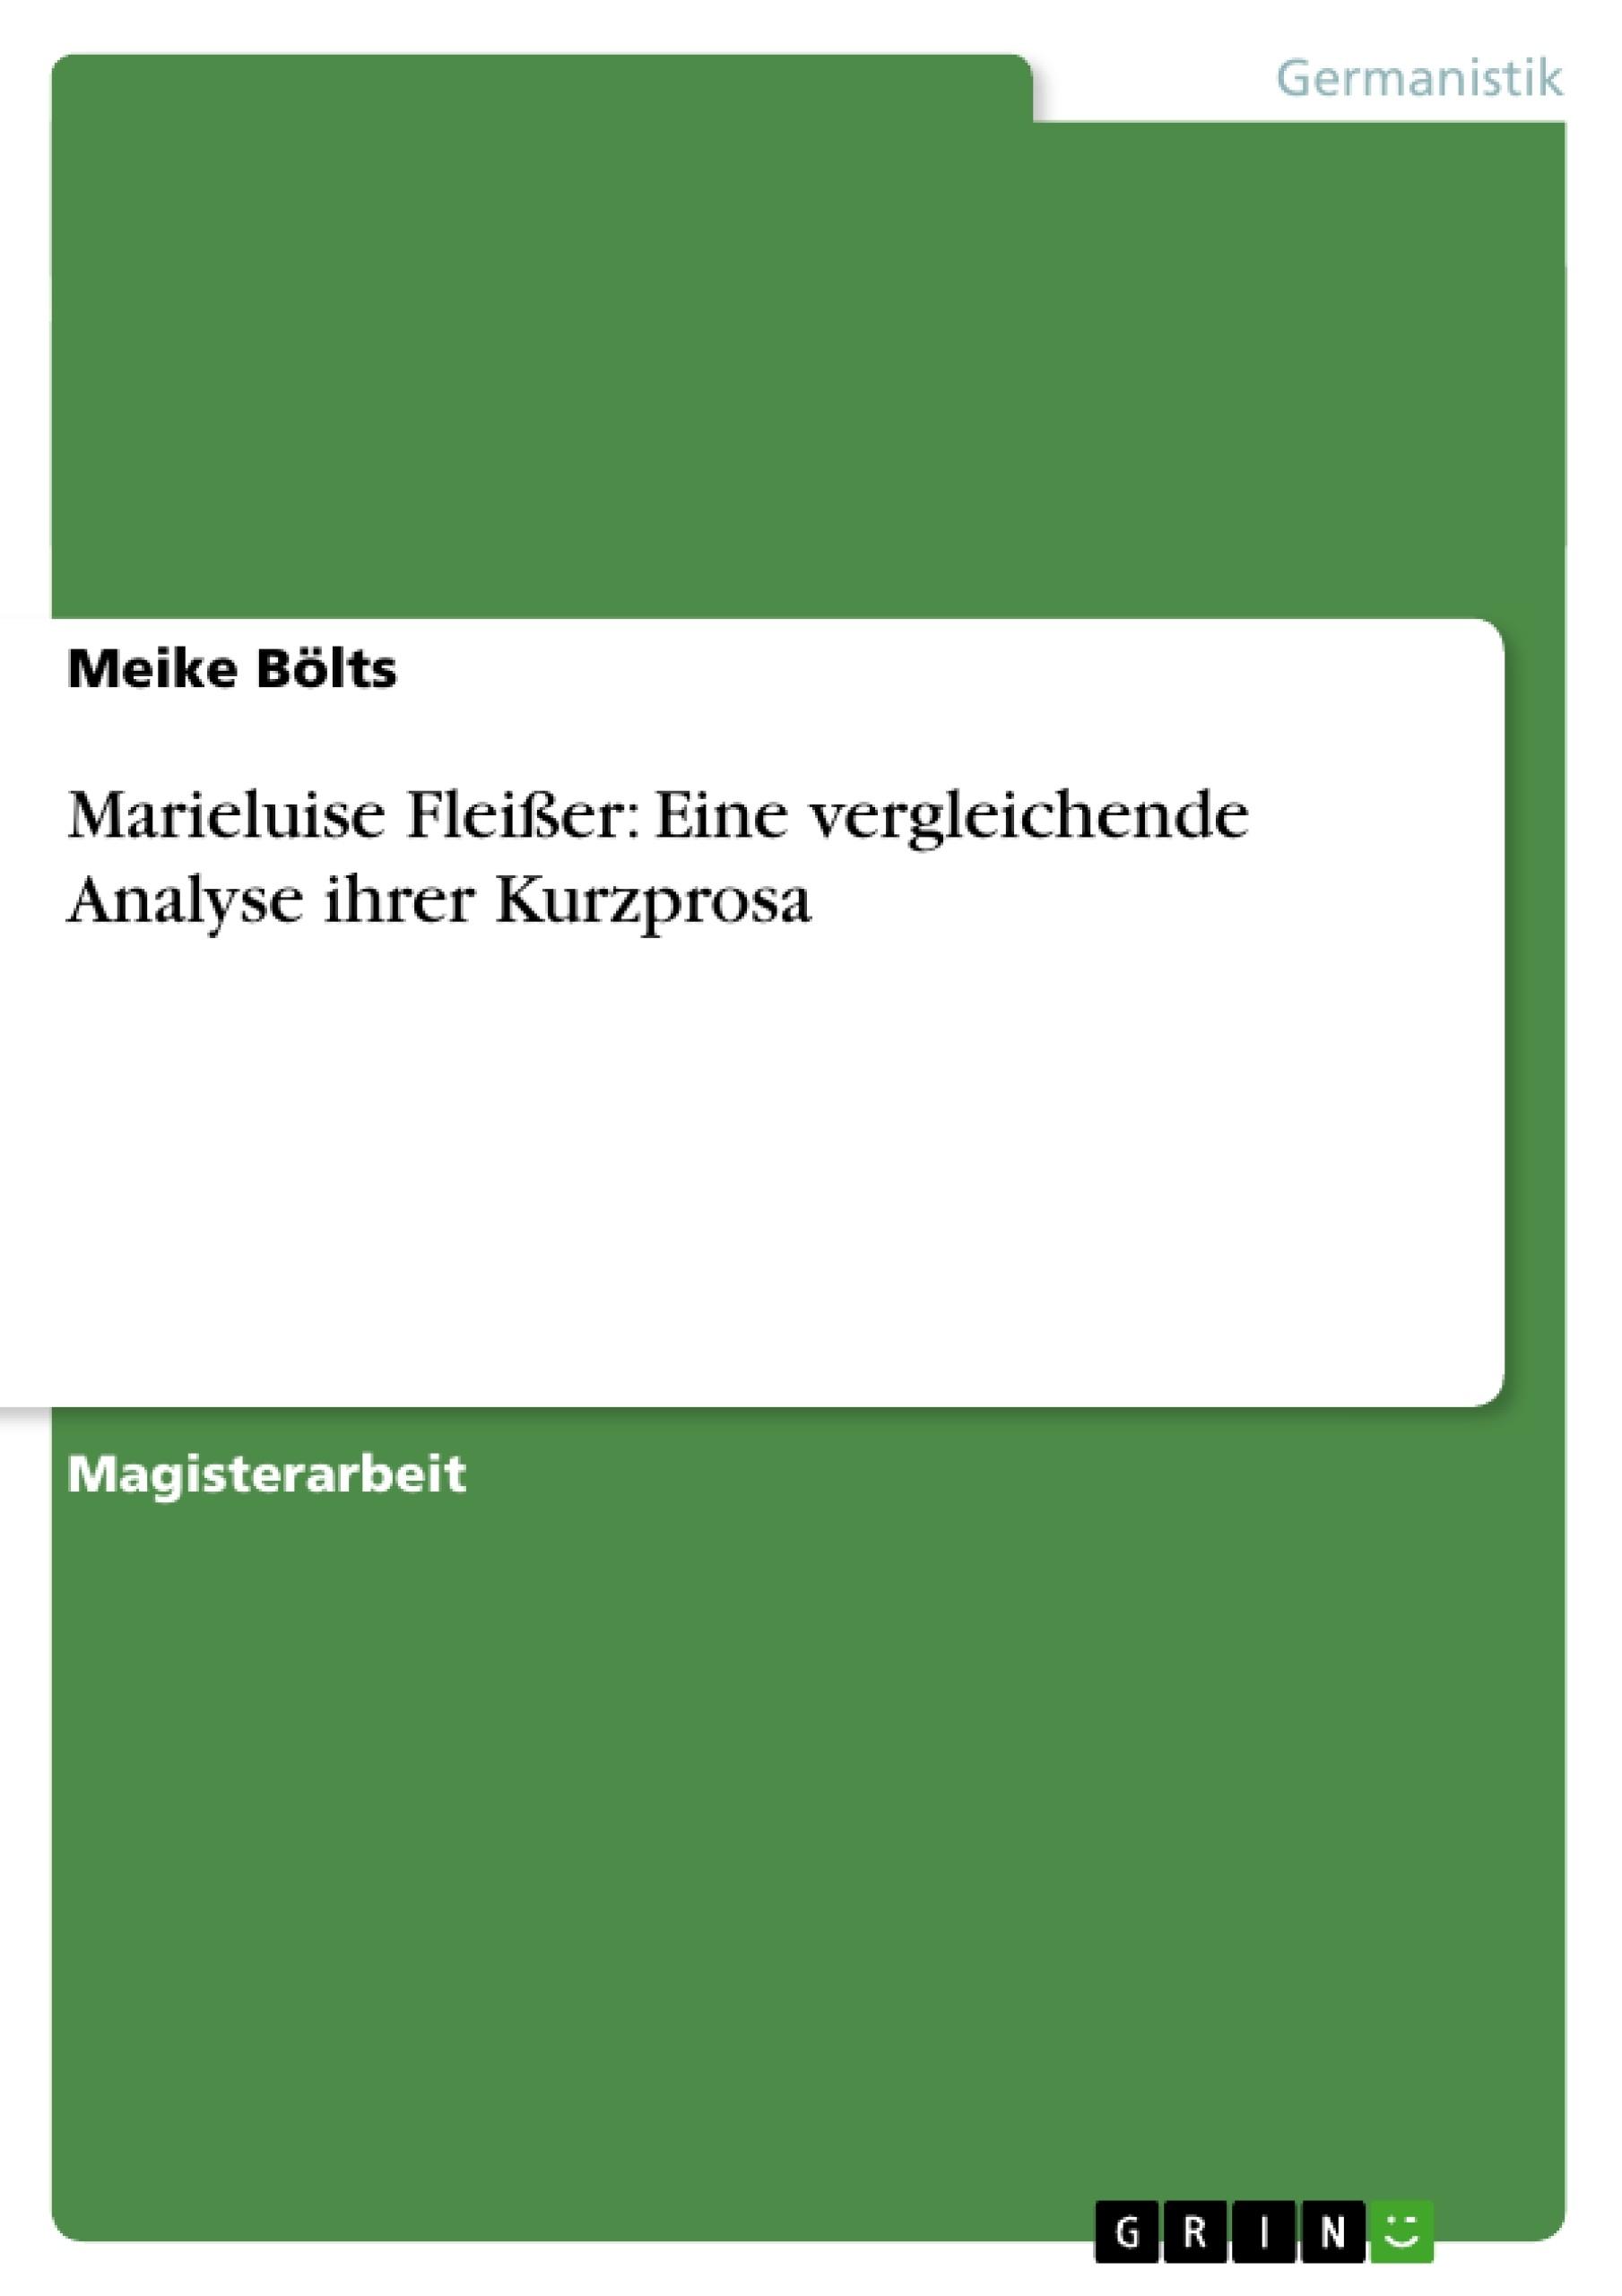 Titel: Marieluise Fleißer: Eine vergleichende Analyse ihrer Kurzprosa